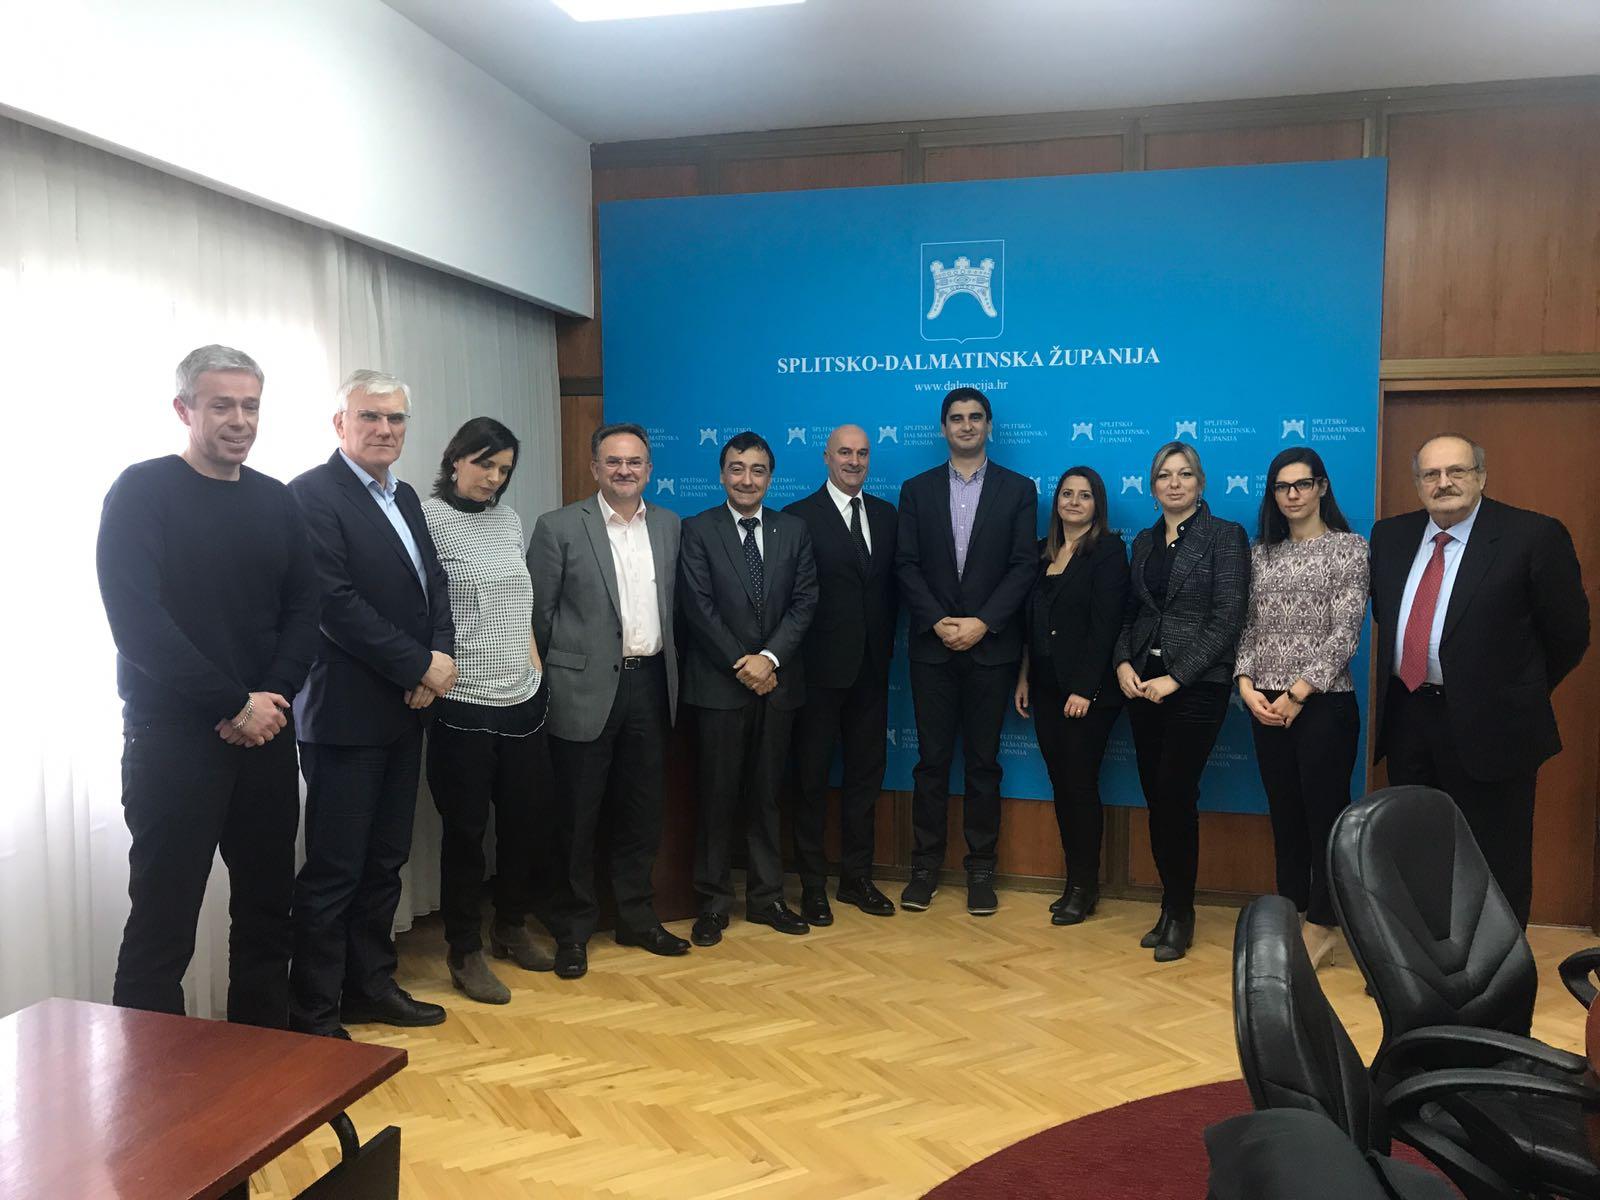 Firmato il protocollo con la Regione Spalatino-Dalmata per il progetto hadriaticum